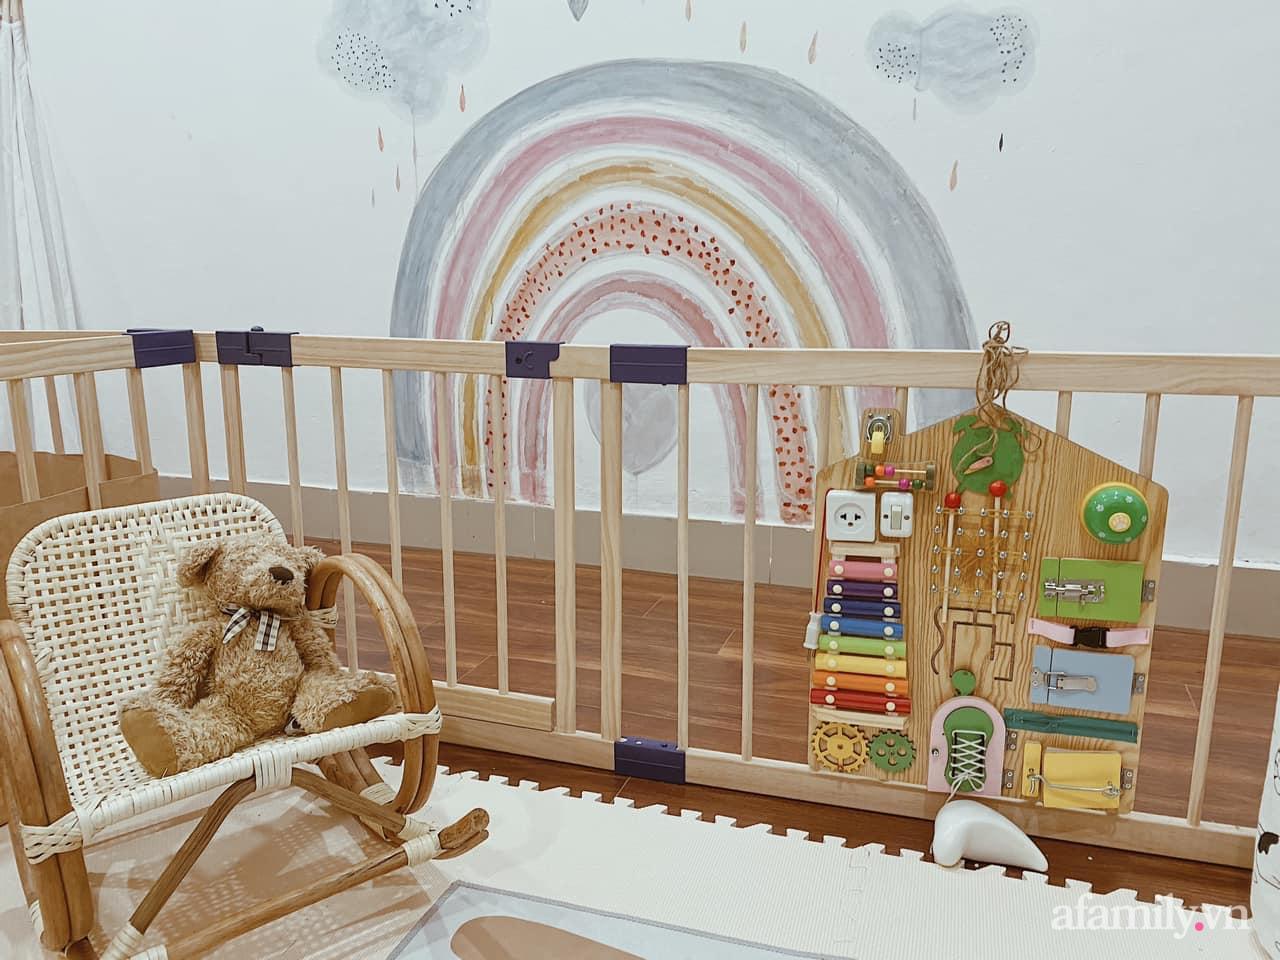 Không gian mẹ trang trí tặng bé ấn tượng với sắc màu Vintage ở Hà Nội - Ảnh 8.